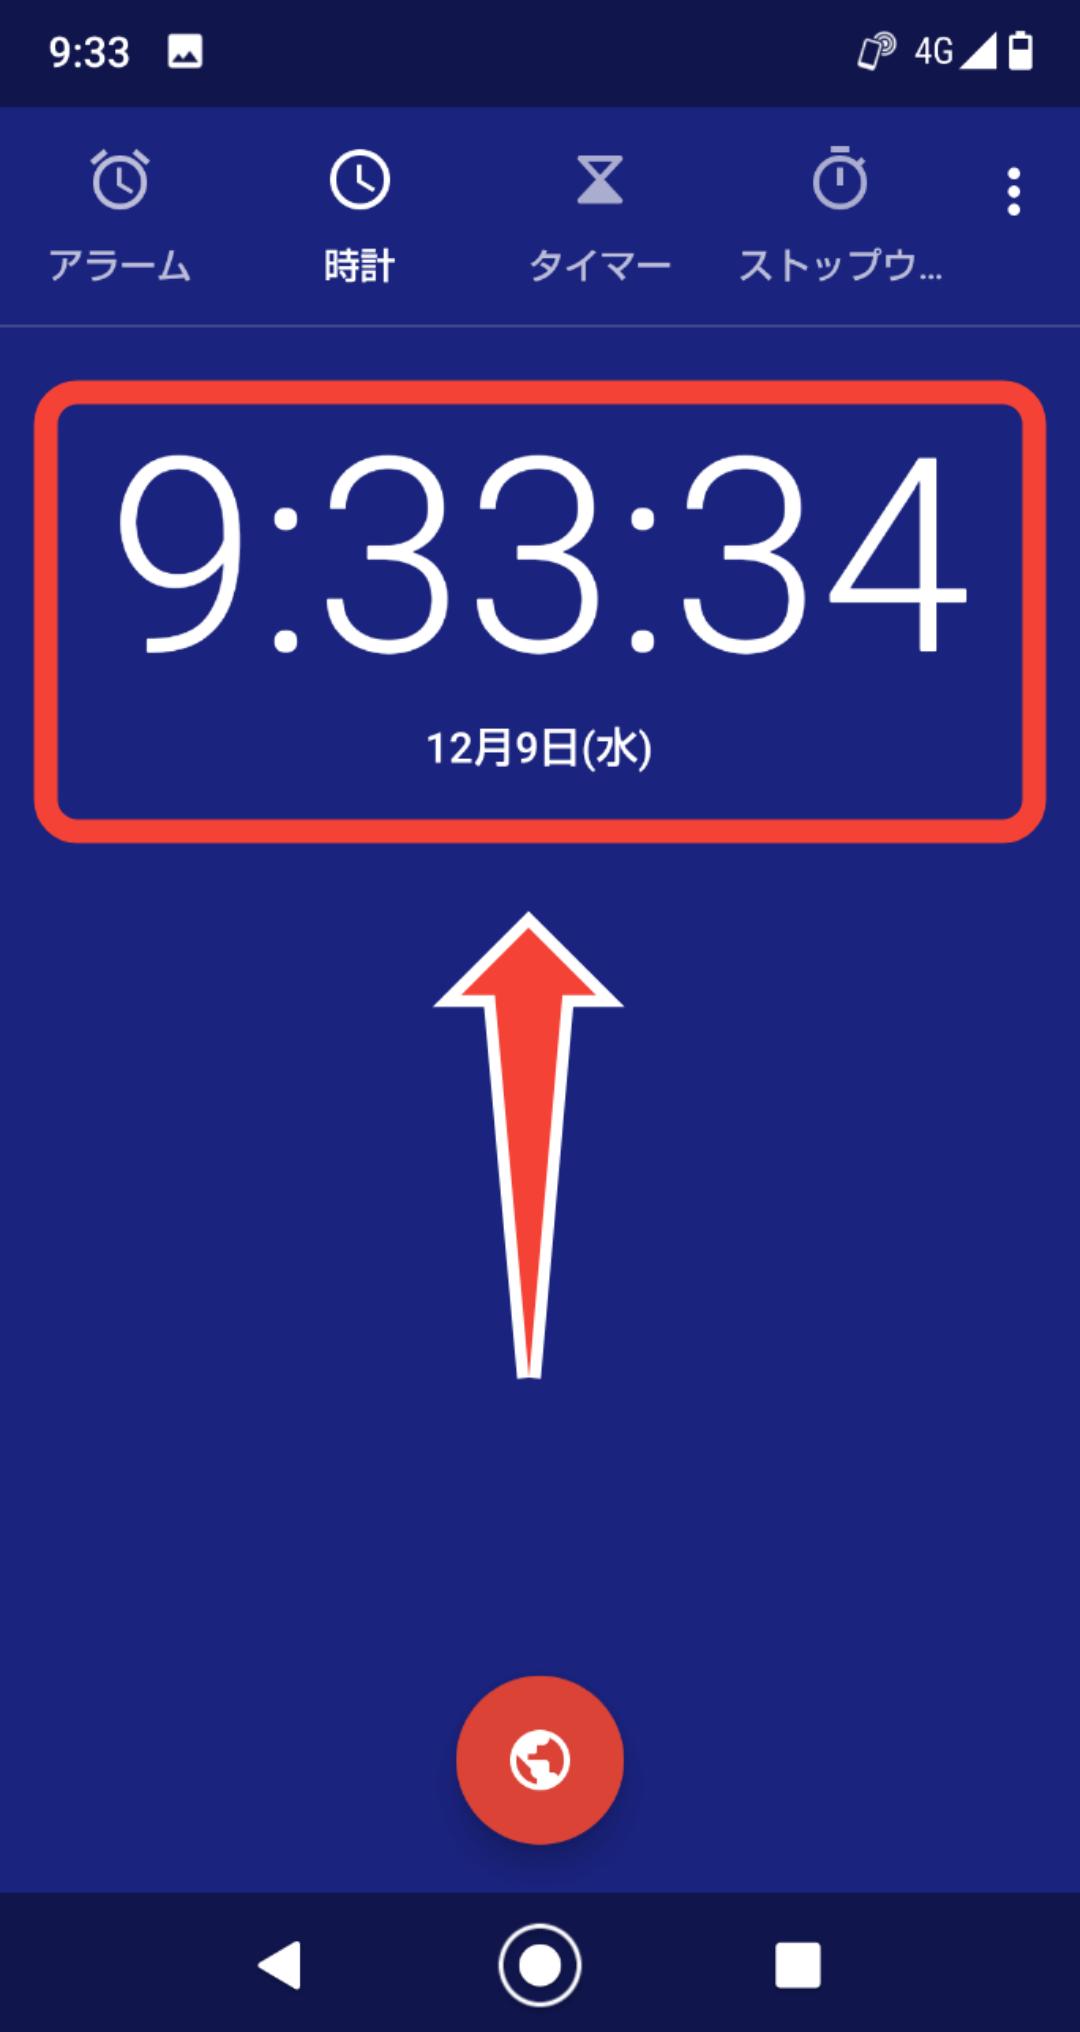 時計アイコンからの秒表示法その5